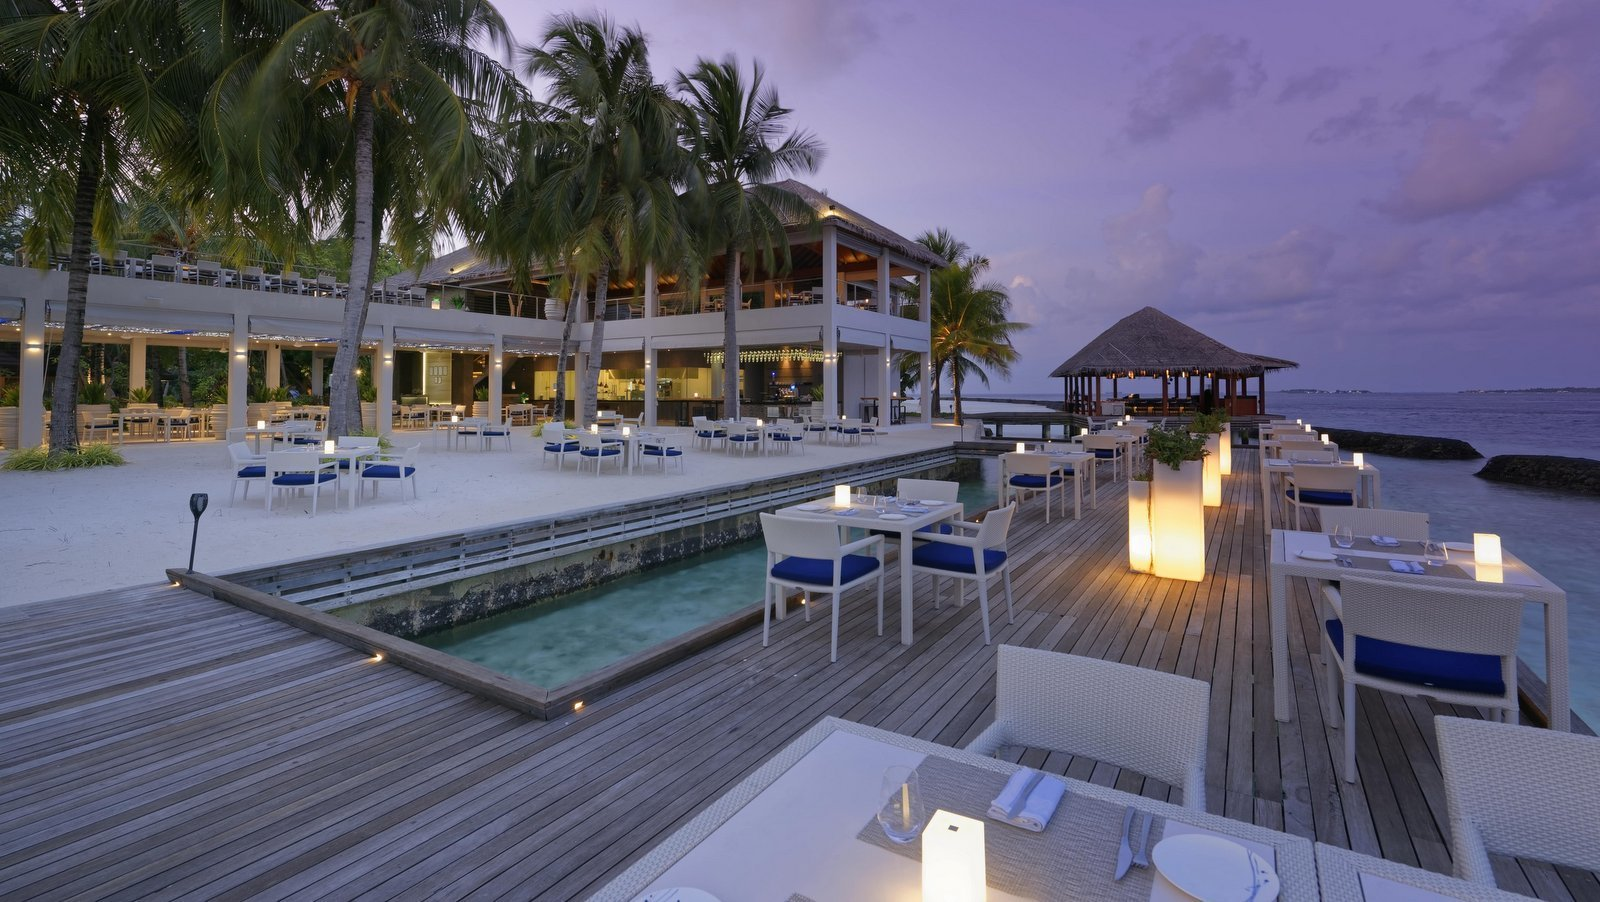 Мальдивы, отель Kurumba Maldives, ресторан Thila